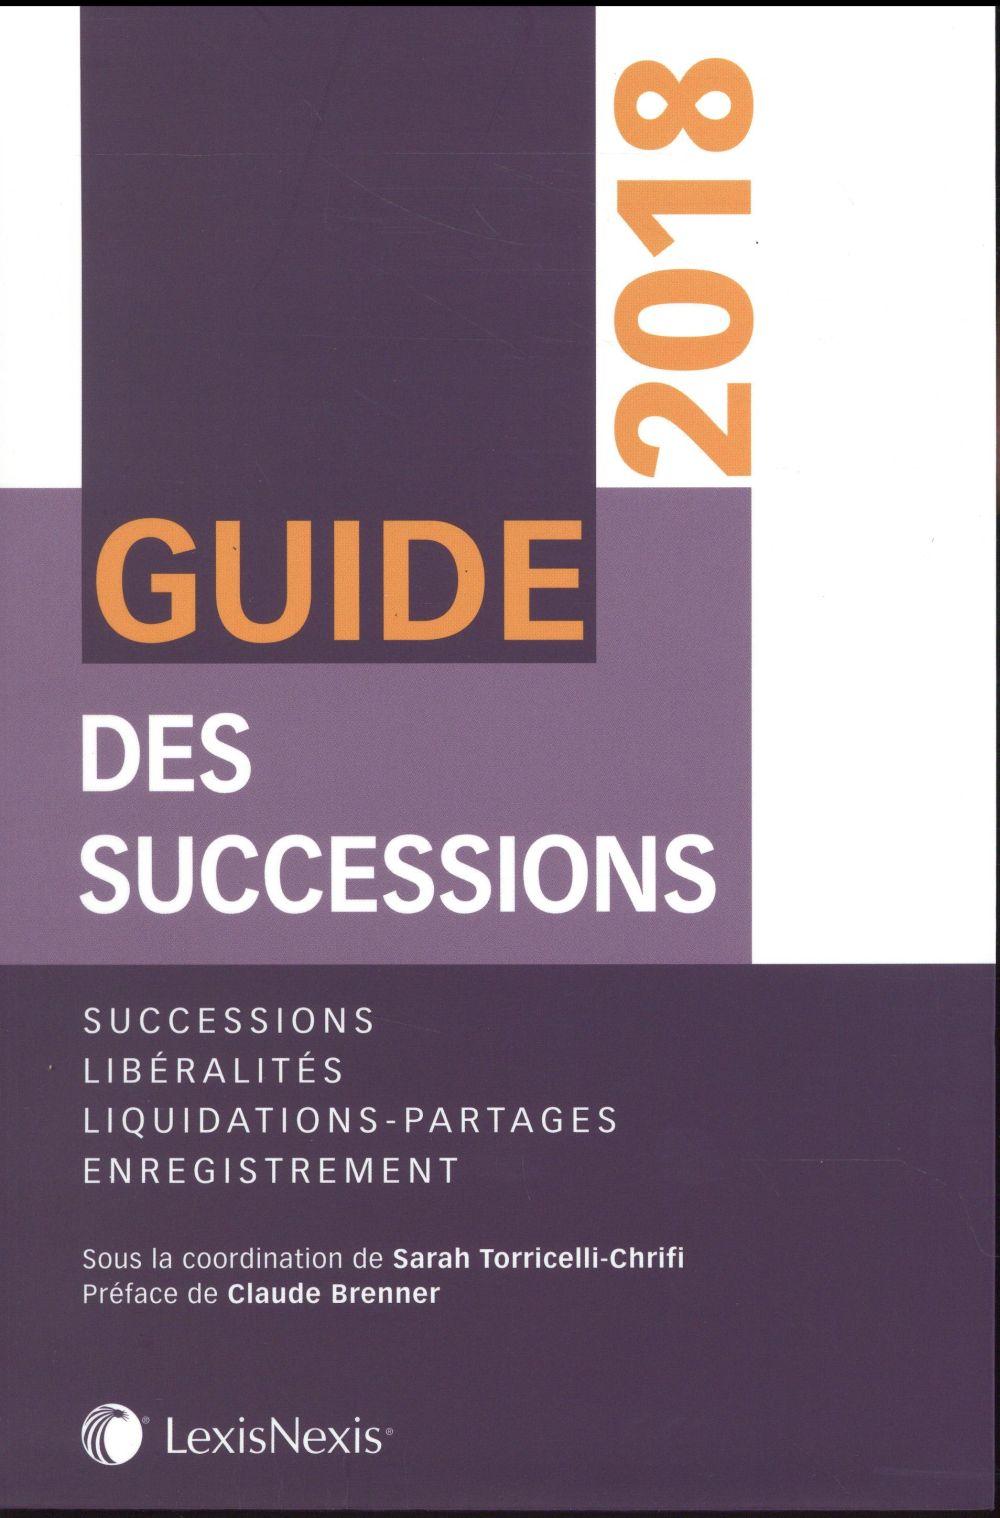 GUIDES DES SUCCESSIONS 2018